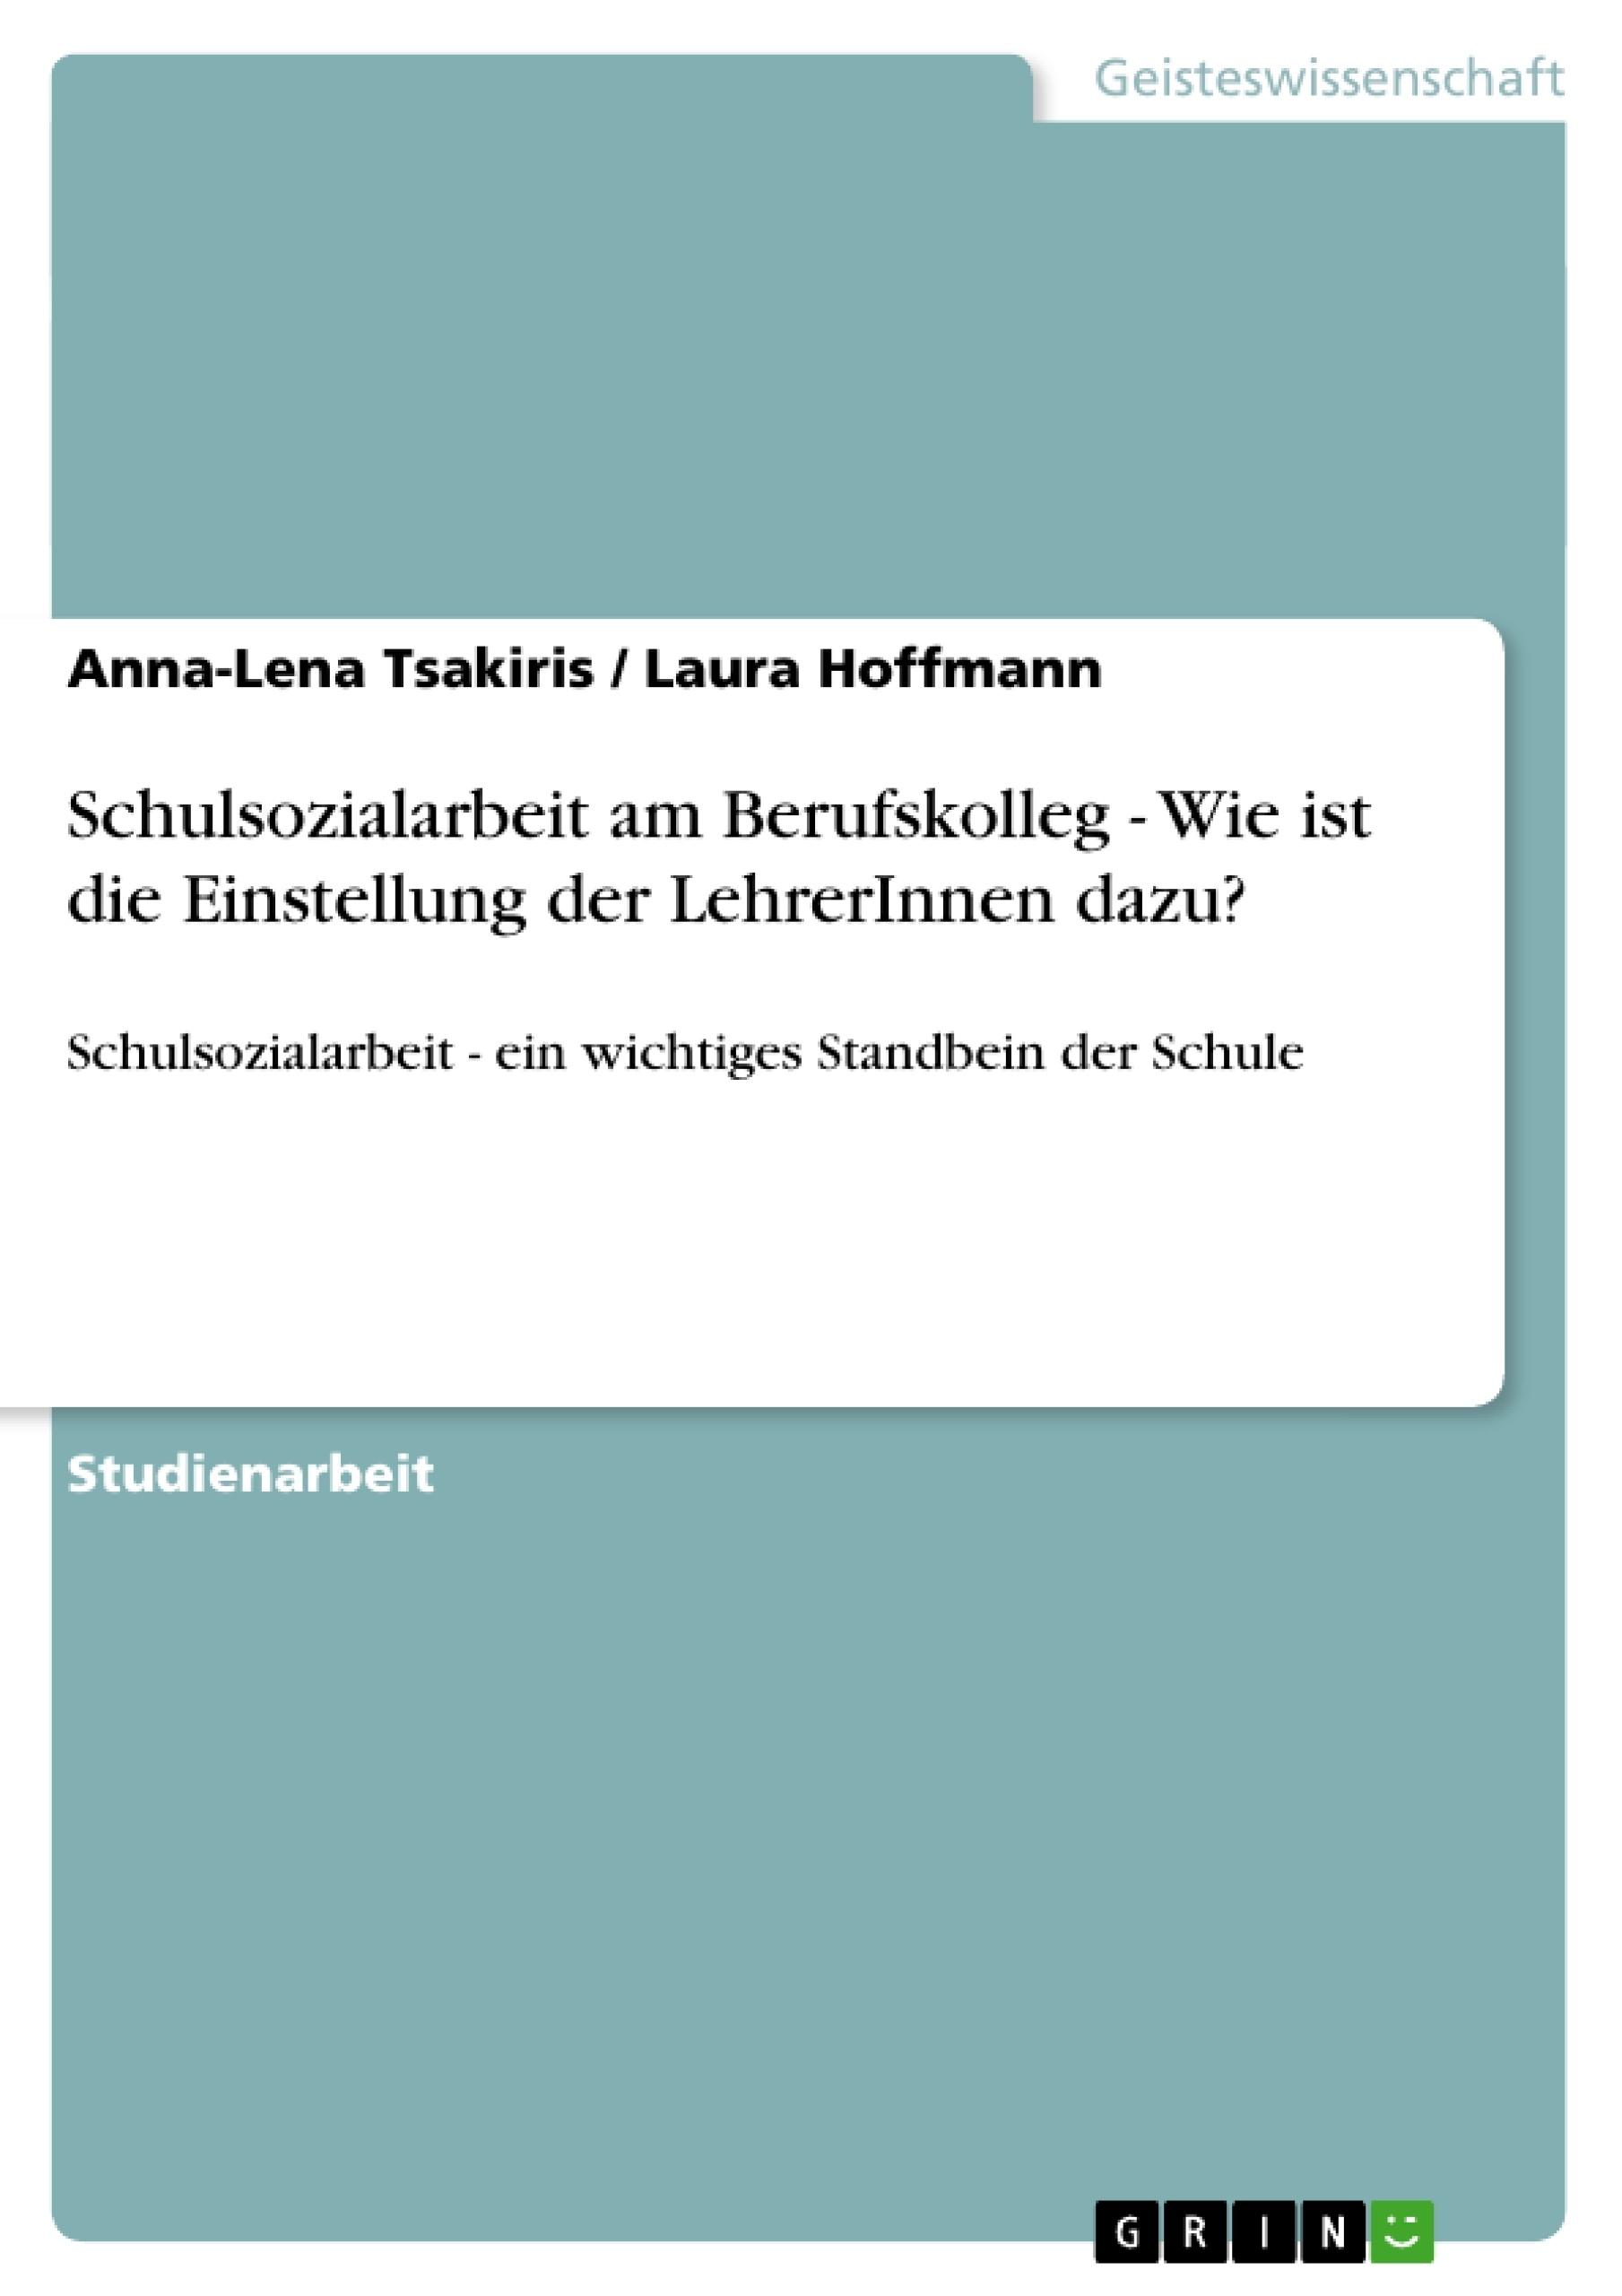 Titel: Schulsozialarbeit am Berufskolleg - Wie ist die Einstellung der LehrerInnen dazu?